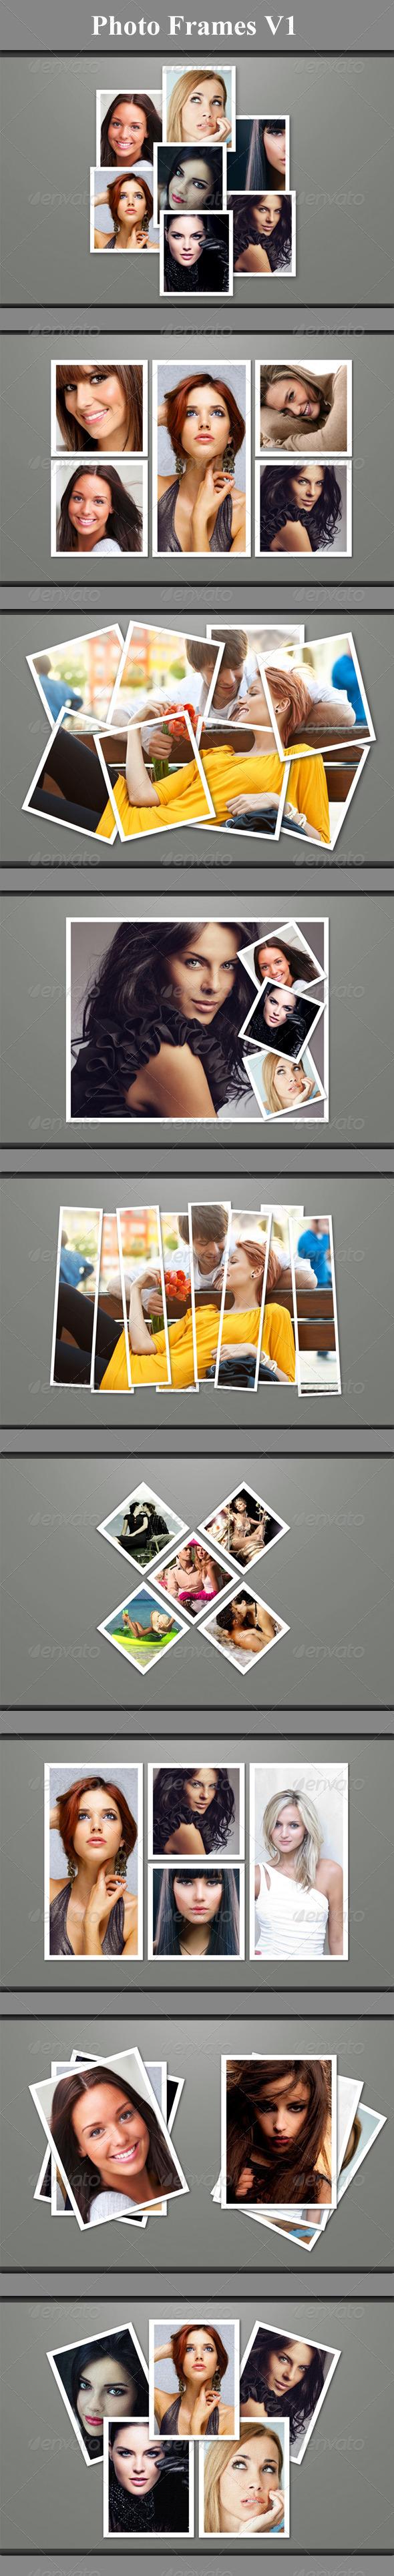 GraphicRiver Photo Frames V1 5086007